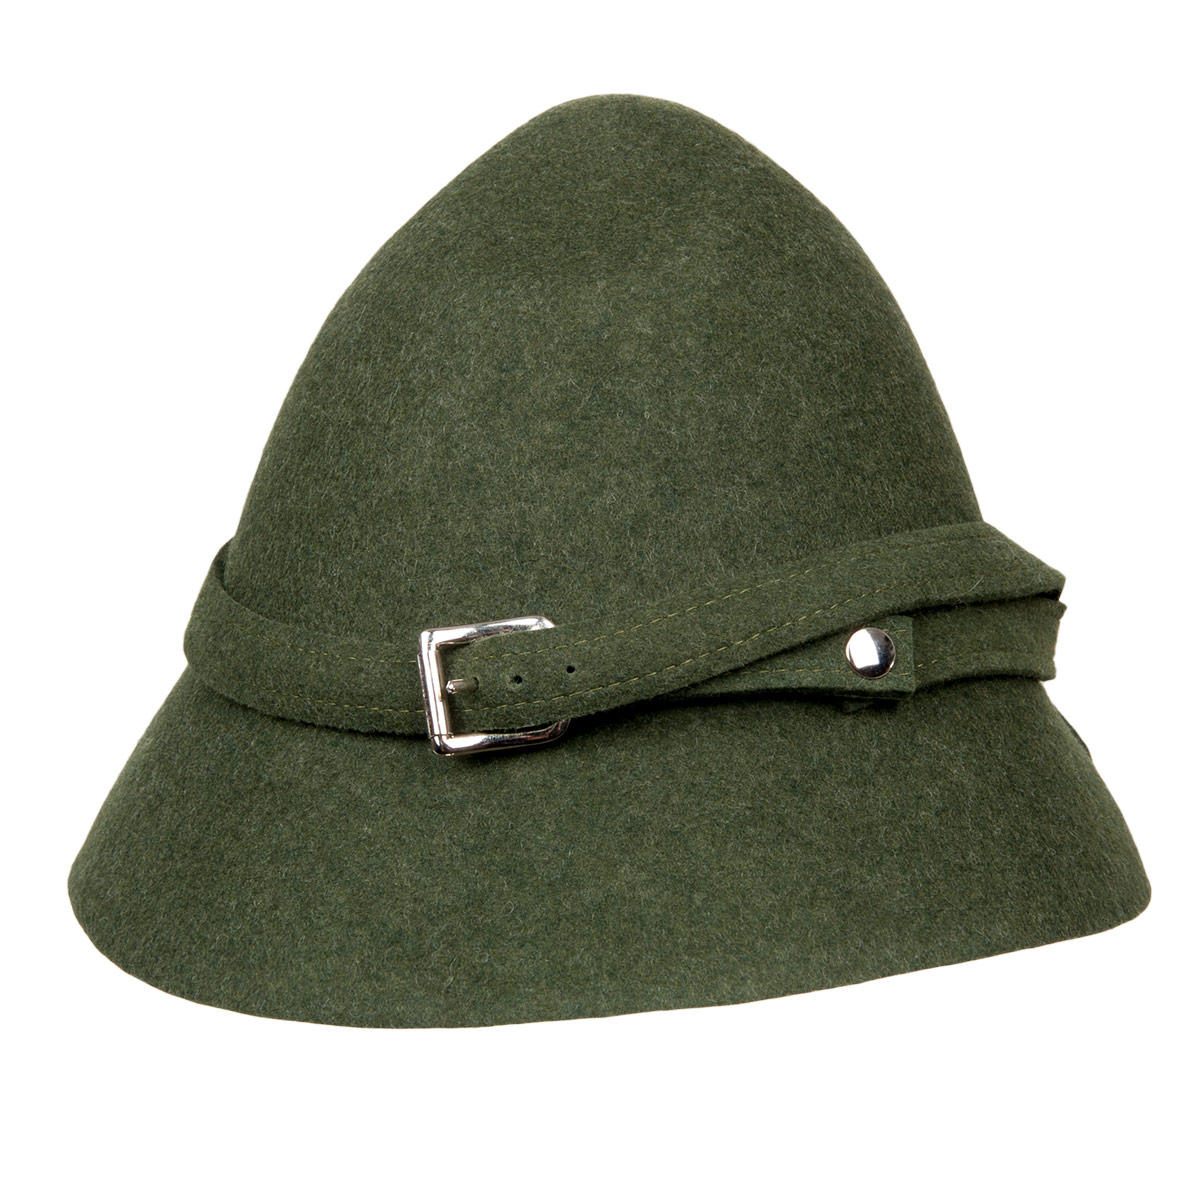 Cappello tascabile di feltro tipico tirolese firmato HUTTER ... f11951d9de19